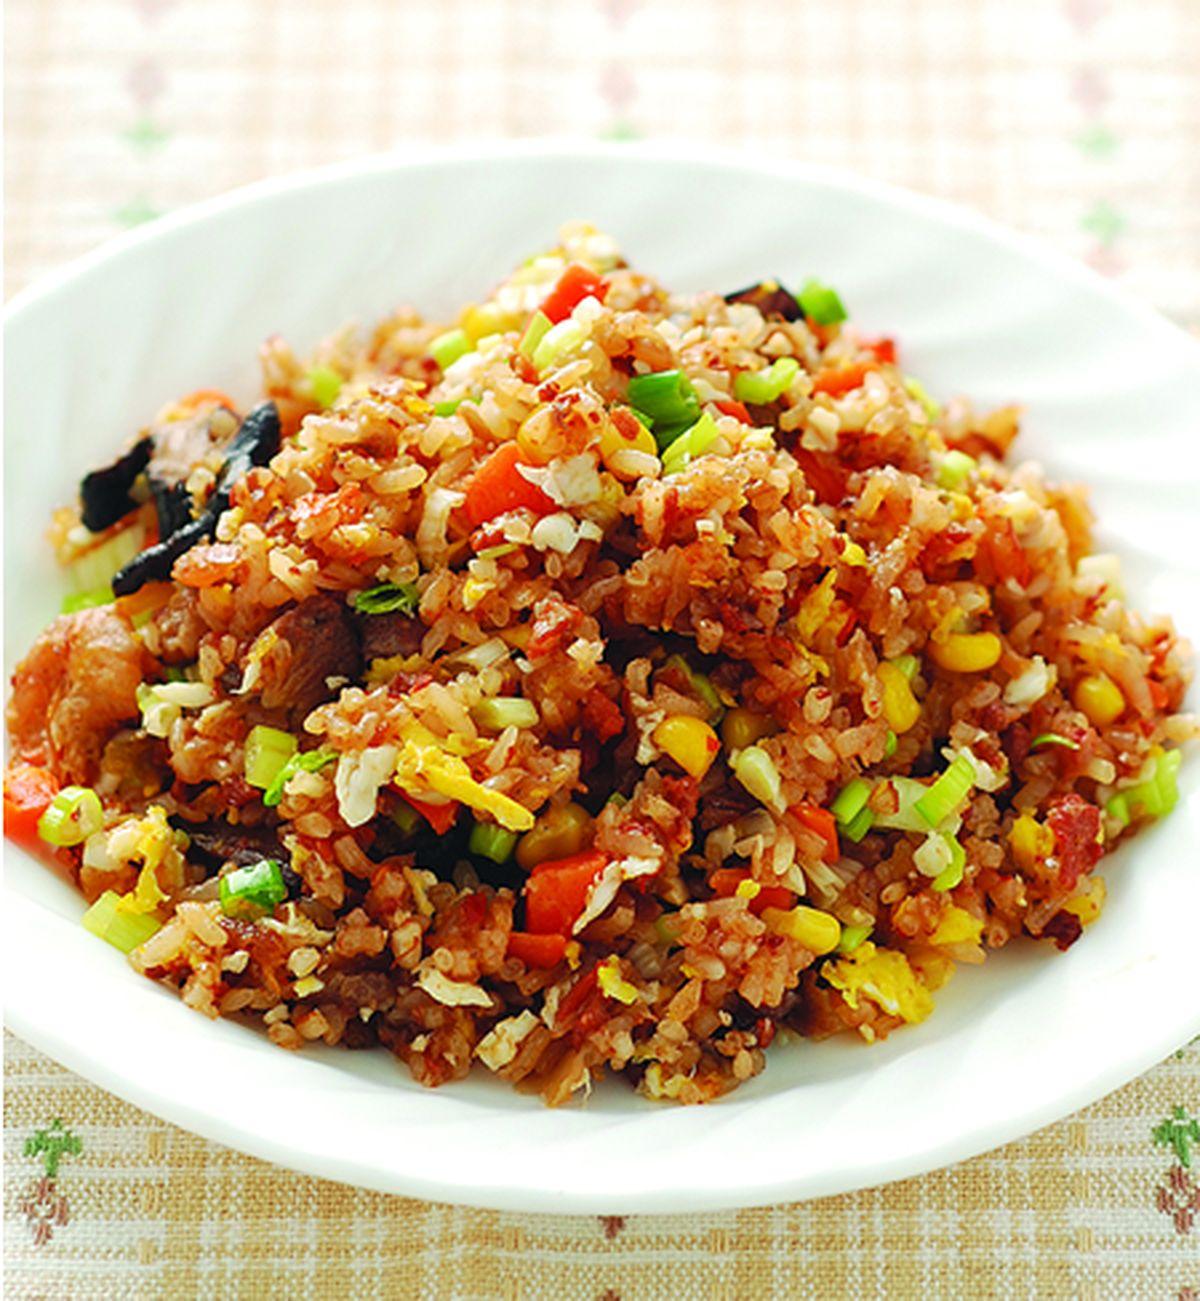 食譜:肉醬炒飯